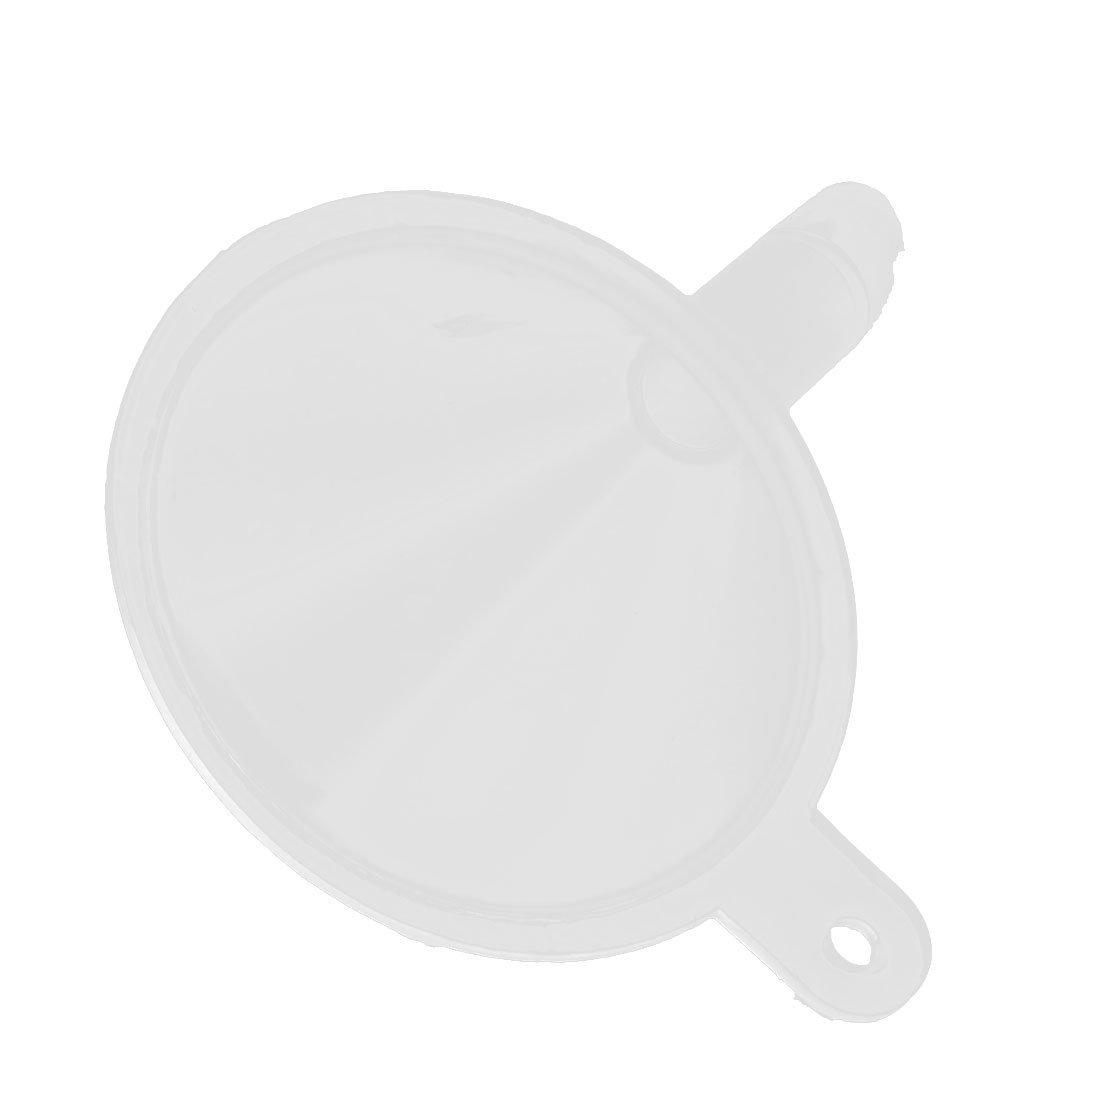 Amazon.com: Forma eDealMax Metal Cilindro de viajes Aire Libre Maquillaje Fragancias de Botella del aerosol 10ml: Health & Personal Care